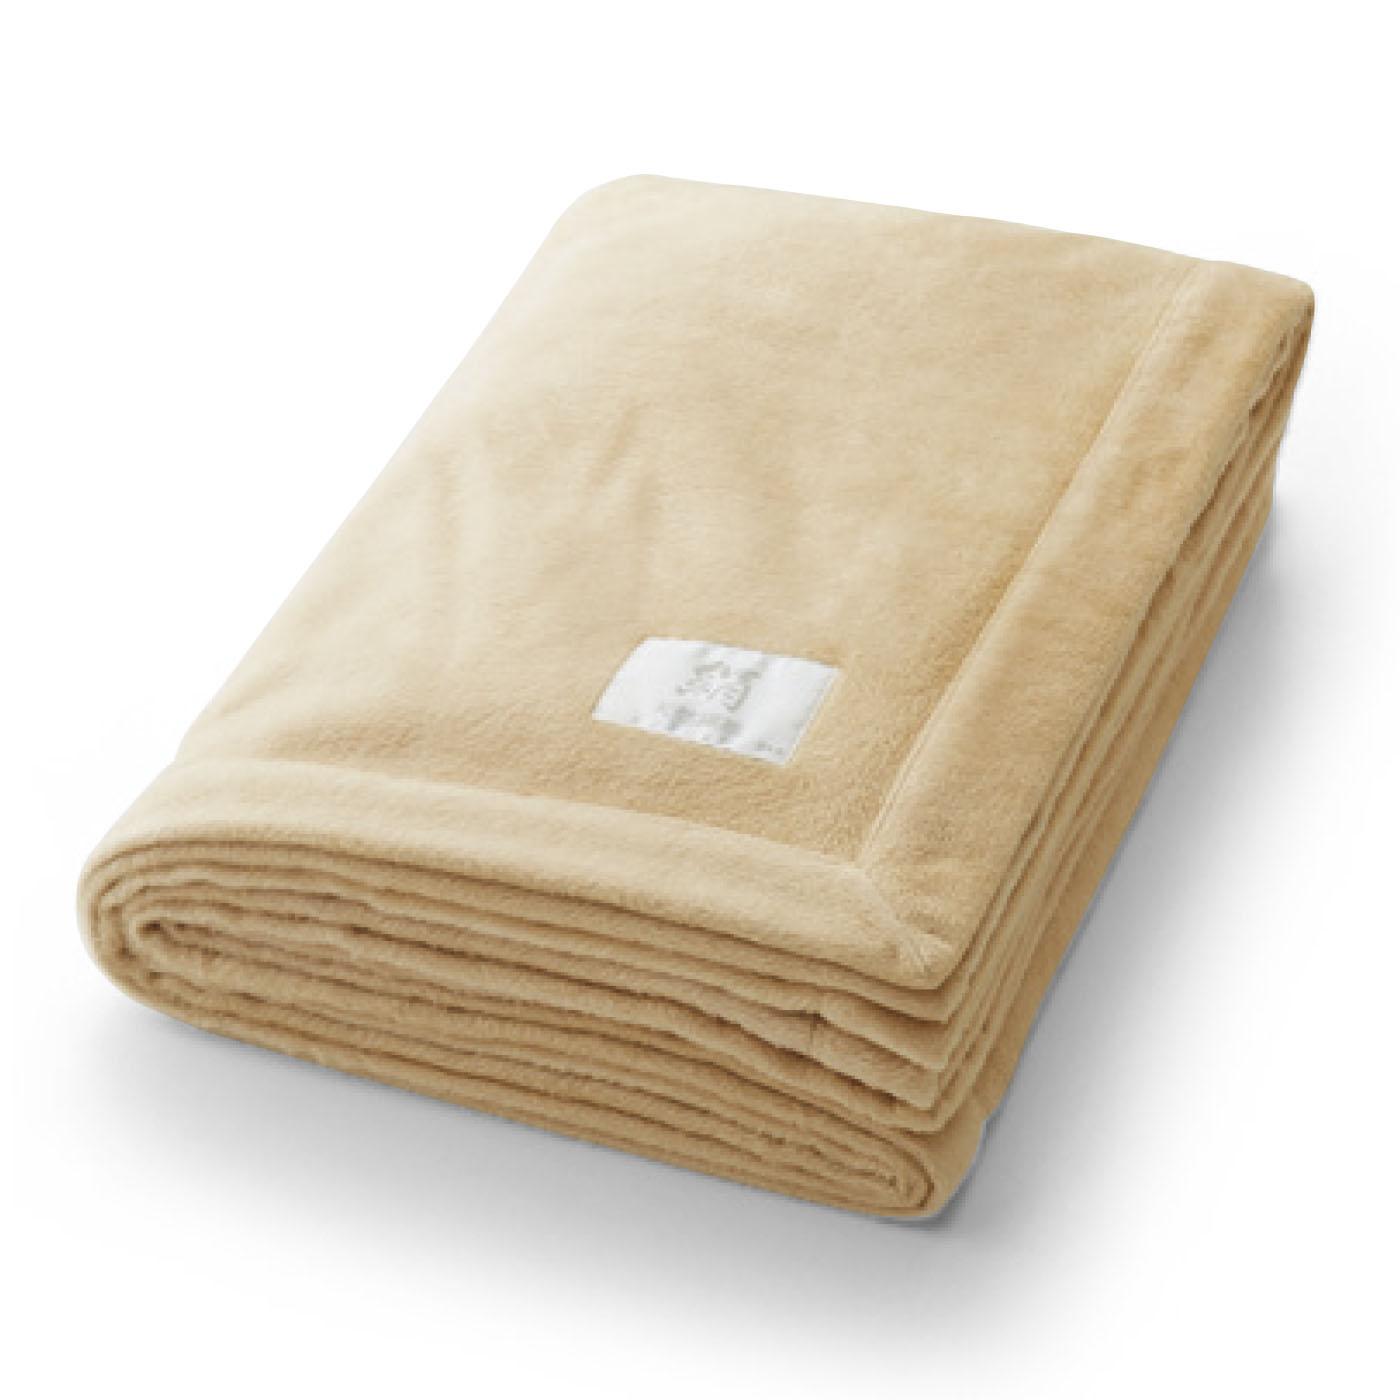 匠が極めた技が光る とろけるような肌ざわり シルク起毛毛布〈シングルサイズ〉